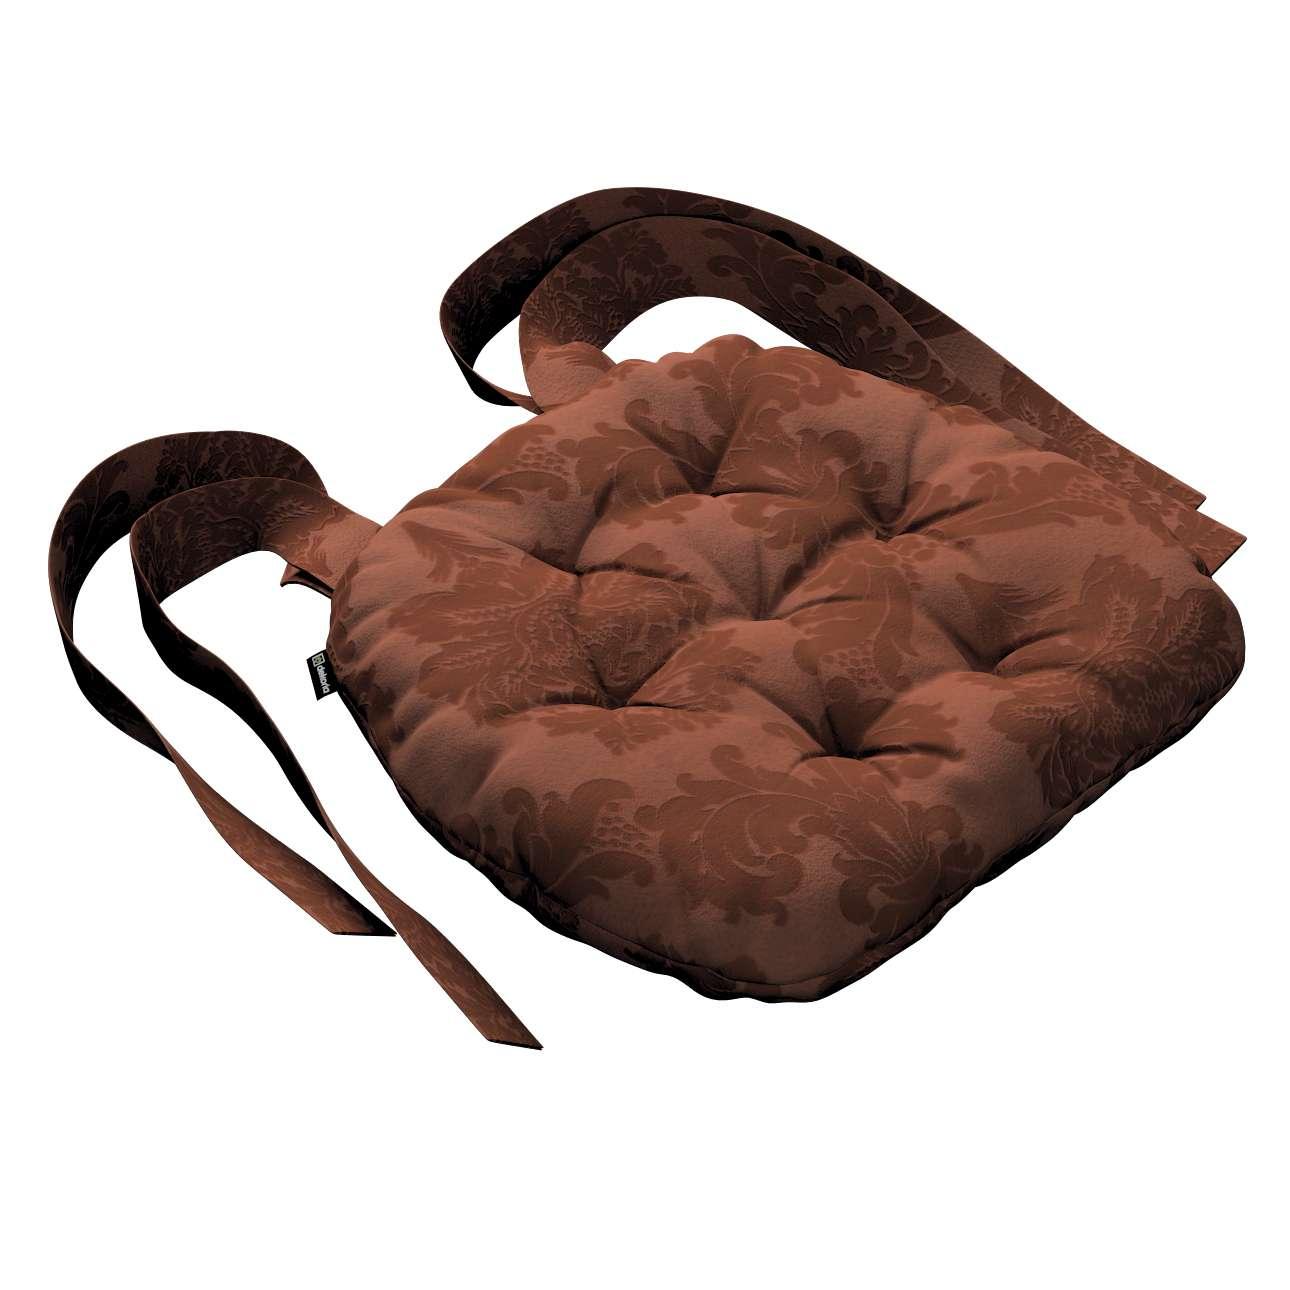 Siedzisko Marcin na krzesło 40x37x8cm w kolekcji Damasco, tkanina: 613-88